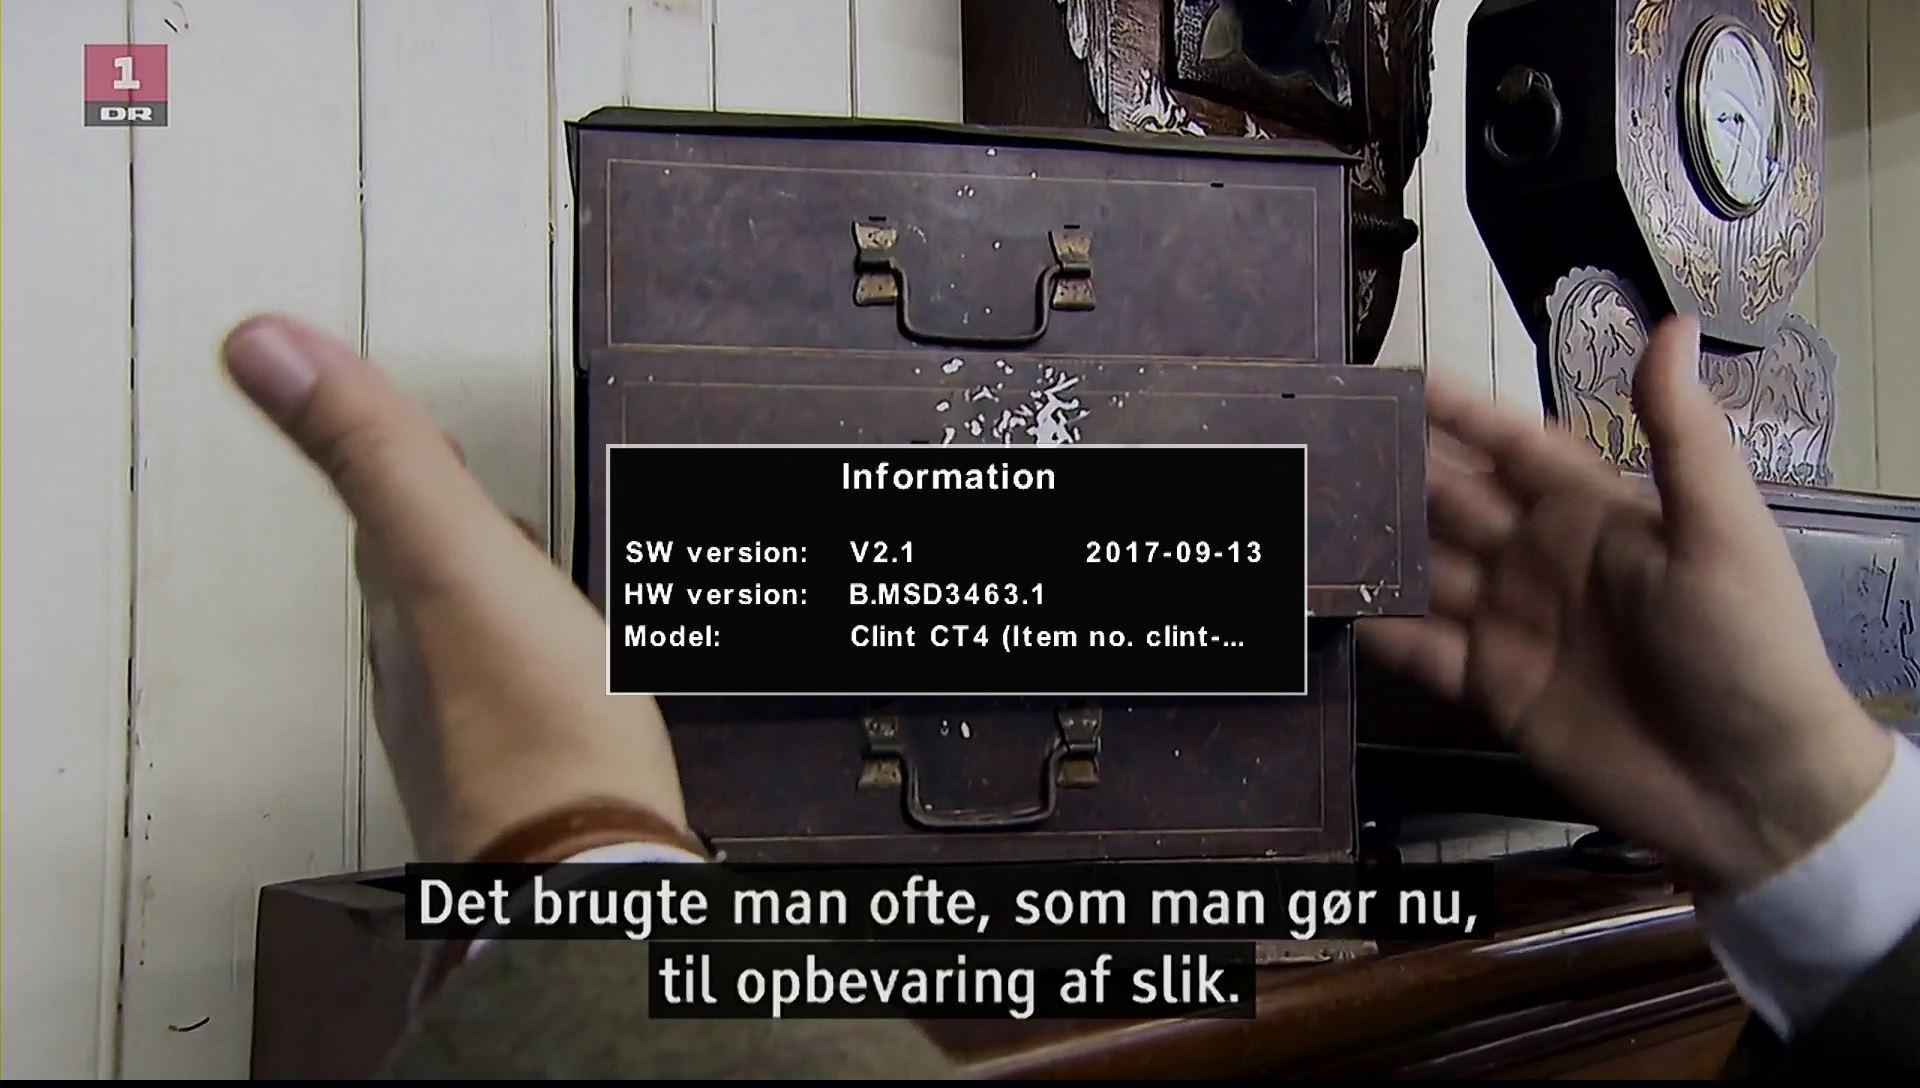 Clint CT4 gammel firmware